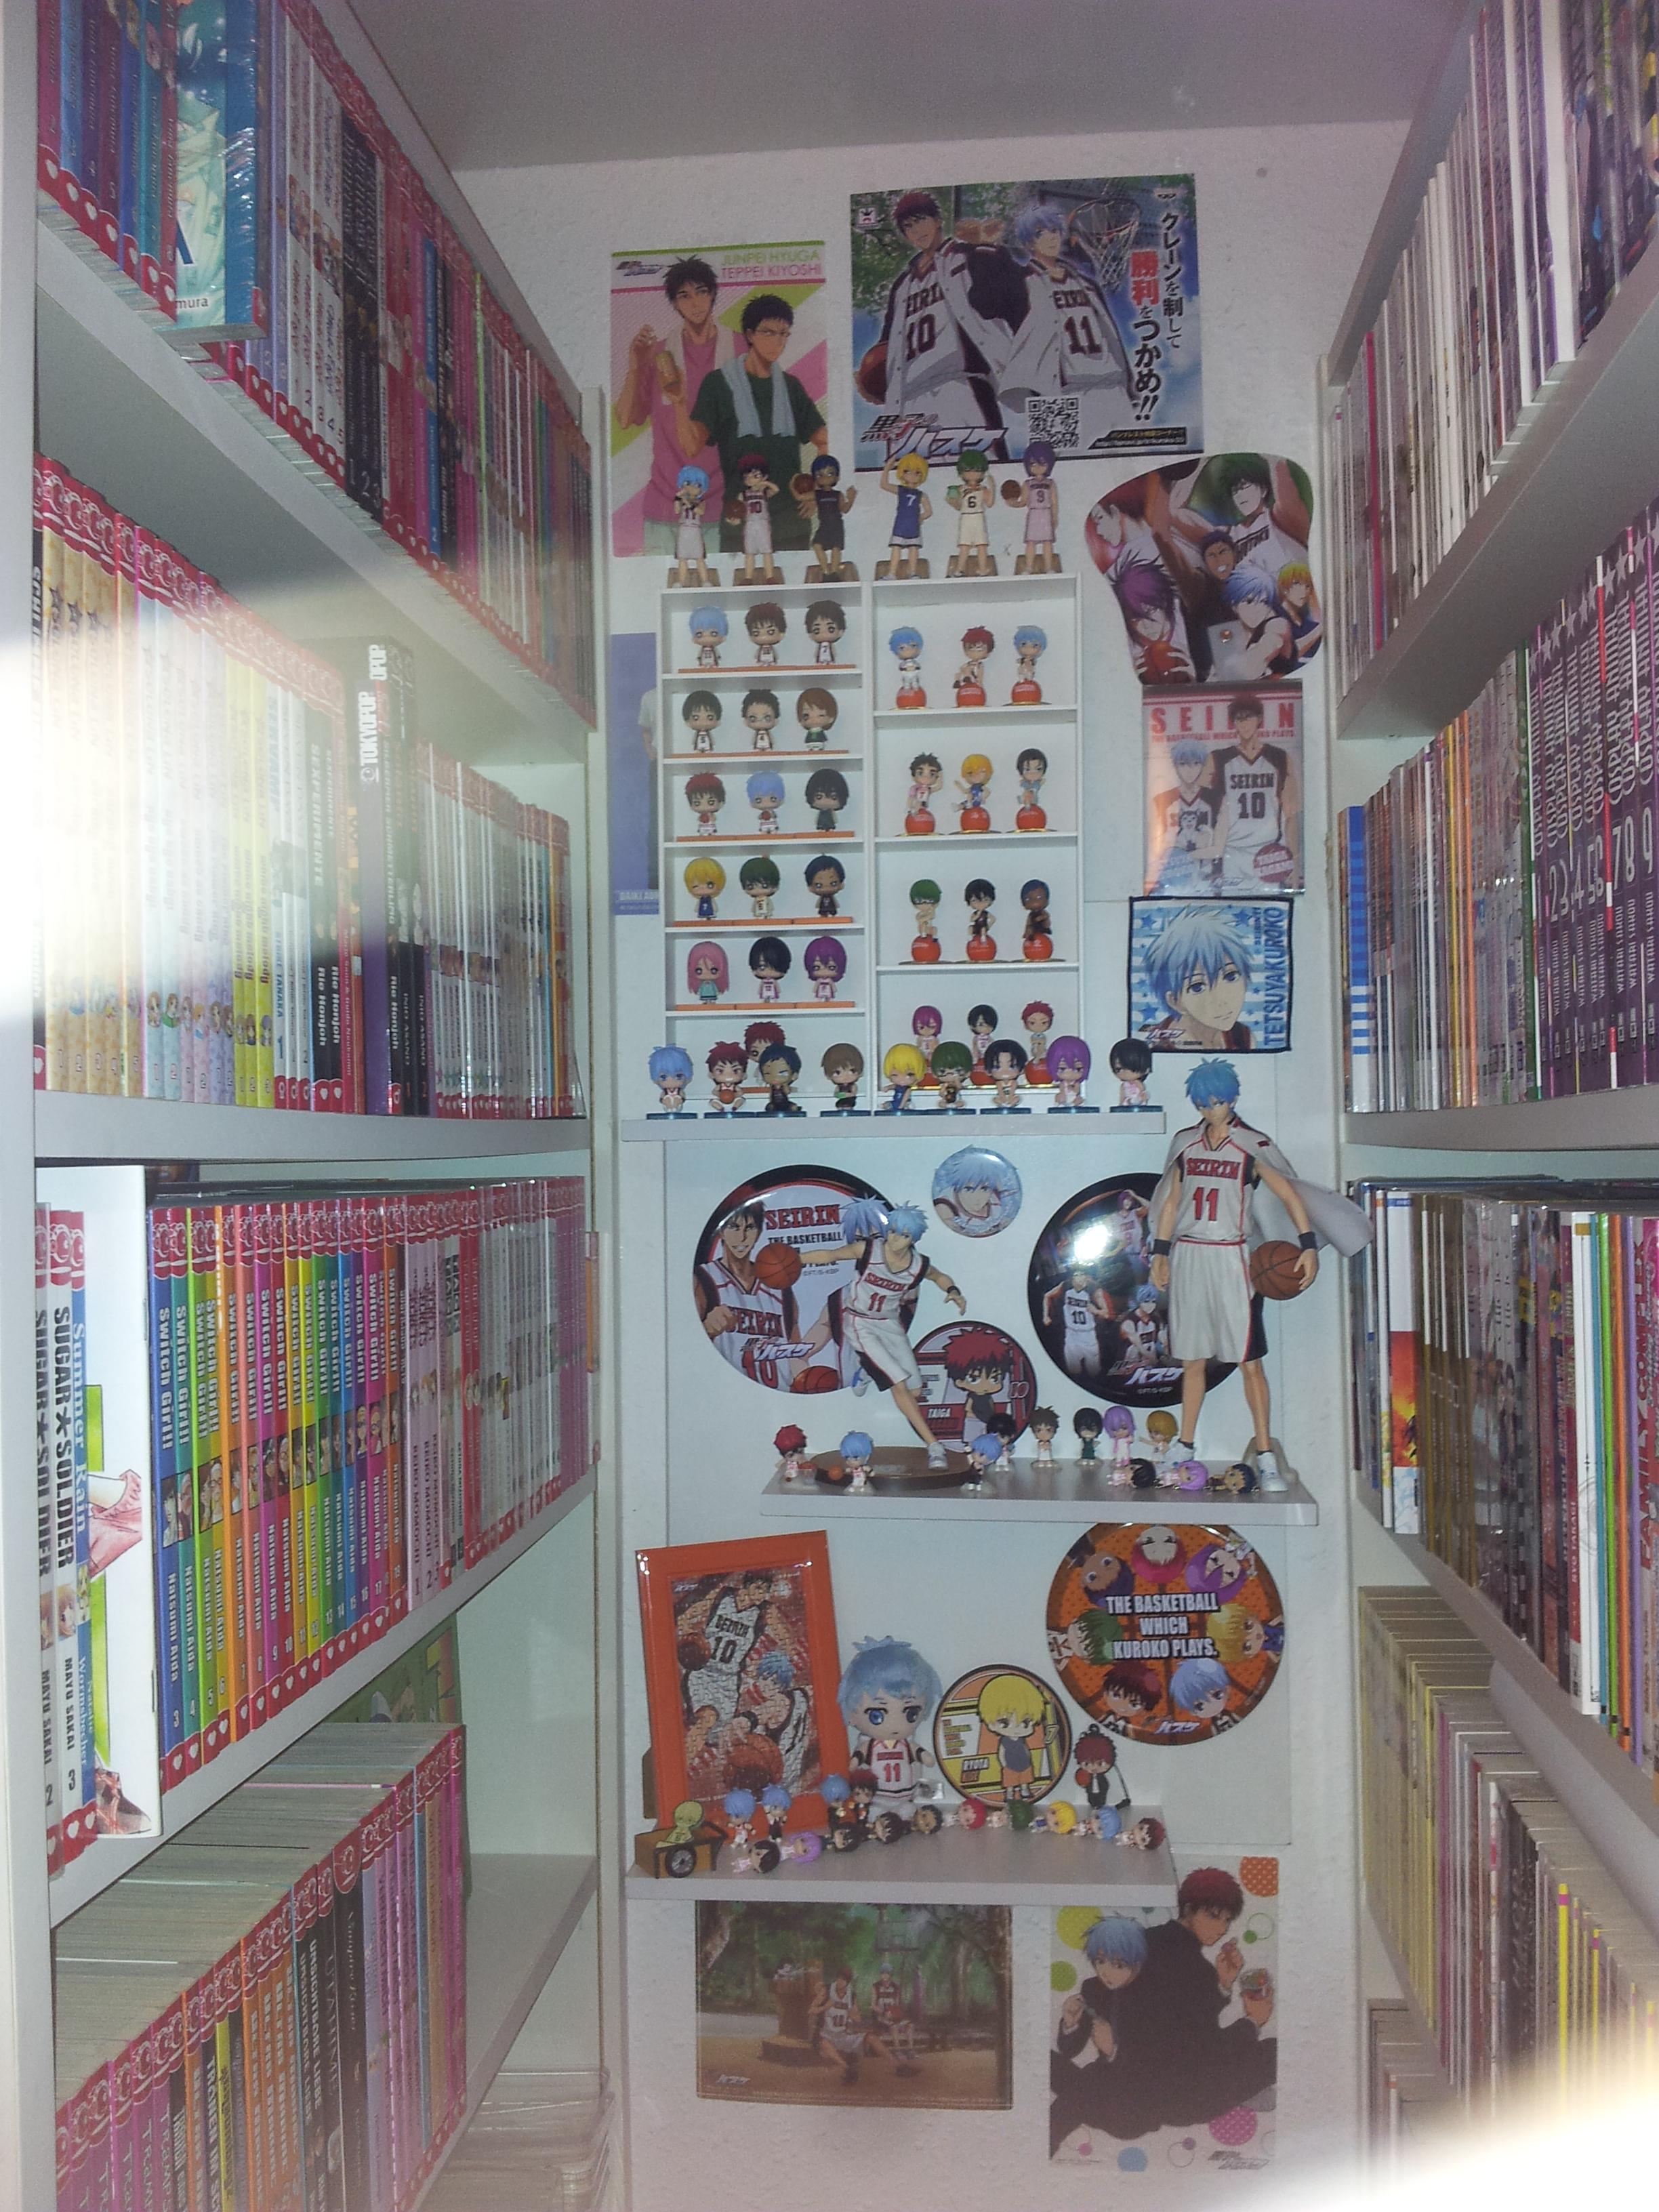 kotobukiya megahouse banpresto bandai badge yuma broccoli swing shueisha ensky master_stars_piece half_age_characters sakurai photo_album coaster hasepro kuroko_no_basket kuroko_tetsuya kagami_taiga hyuuga_junpei midorima_shintarou kise_ryouta takao_kazunari aomine_daiki izuki_shun fujimaki_tadatoshi aida_riko kiyoshi_teppei murasakibara_atsushi akashi_seijuurou tetsuya_2-gou momoi_satsuki earphone_jack_accessory imayoshi_shouichi note_paper kuroko_no_basket_swing_3q one_coin_mini_figure_collection one_coin_mini_figure_collection_kuroko_no_basket kuroko_no_basket_swing_off_shot_edition kuroko_no_basket_capsule_goods accessory_case kuroko_no_basket_pinched_mascot kuroko_no_basket_swing_4q hanamiya_makoto miyaji_kiyoshi sakurai_ryou kuroko_no_basket_chara_pucchi_part_1 one_coin_mini_figure_collection_kuroko_no_basket_2q kuroko_no_basket_suwarase_team half_age_characters_kuroko_no_basket kuroko_no_basket_figure_series kuroko_no_basket_pinched_mascot_2 kuroko_no_basket_chara_pucchi_part_2 himuro_tatsuya one_coin_mini_figure_collection_kuroko_no_basket_3q kuroko_no_basket_swing_5q kuroko_no_basket_suwarase_team_2 kuroko's_basketball_kurun!_itto_mascot kuroko_no_basket_-_can_badge_set_vol.2 plush_mascot